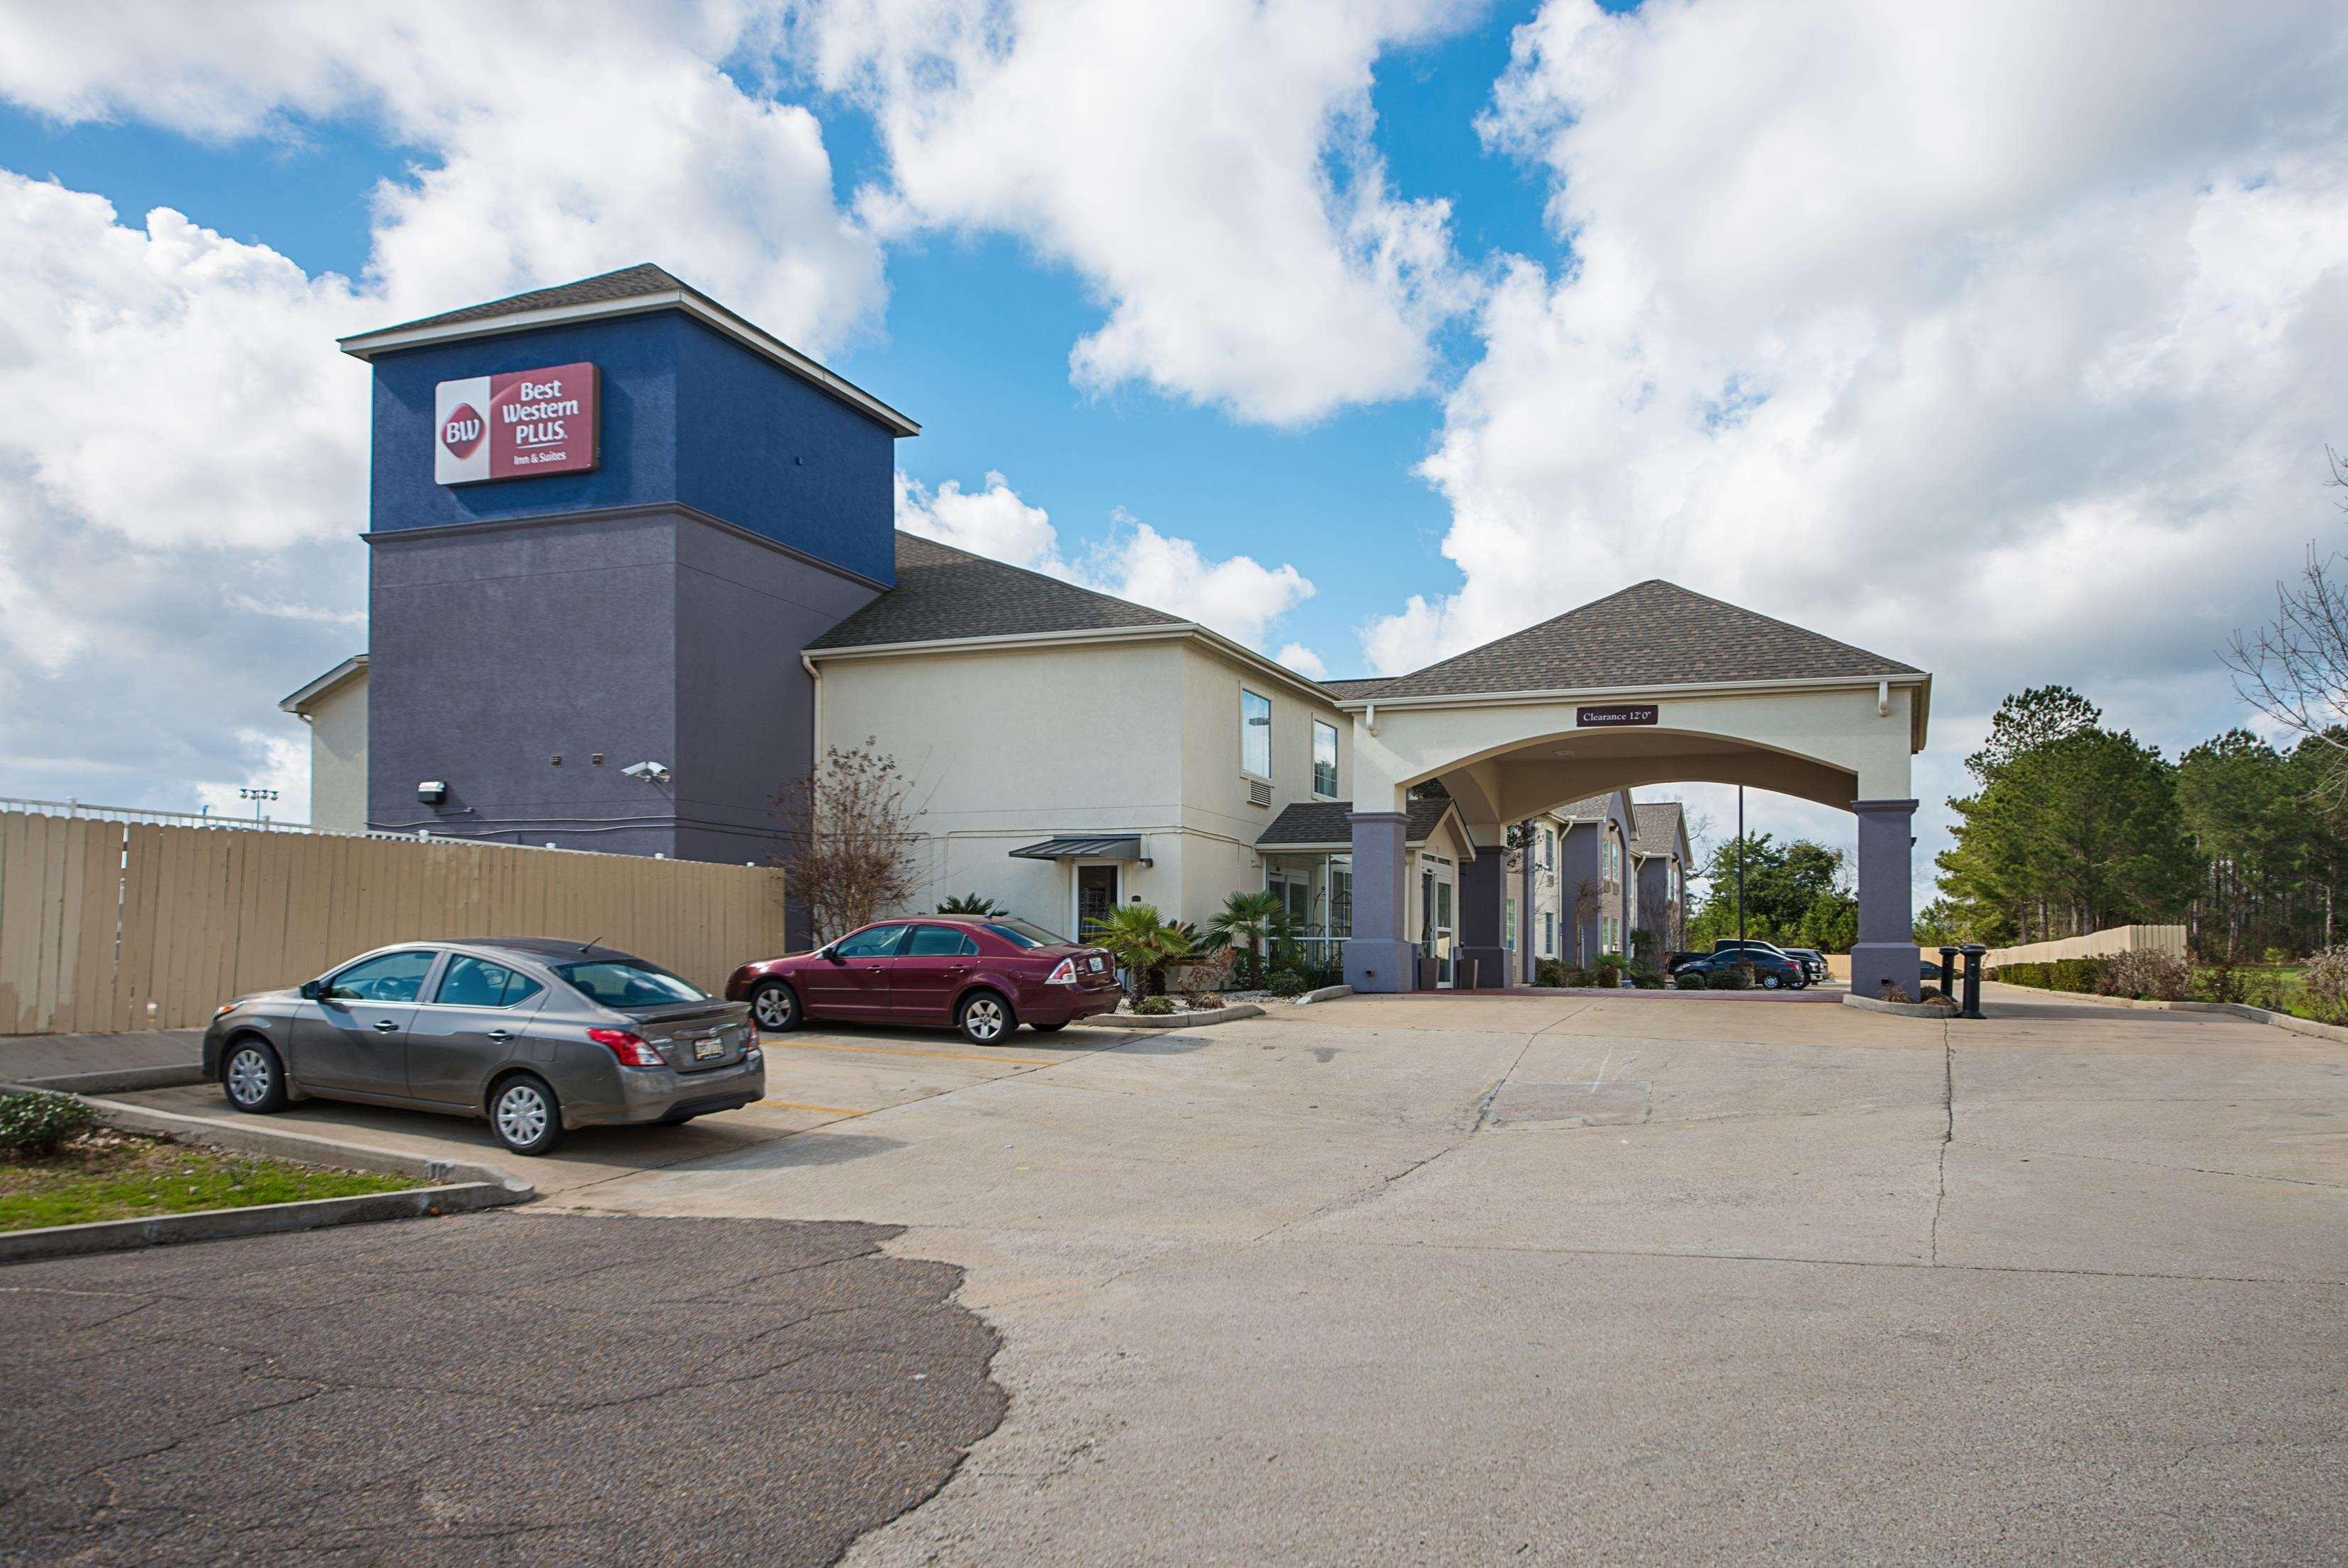 Deridder La Hotels Motels